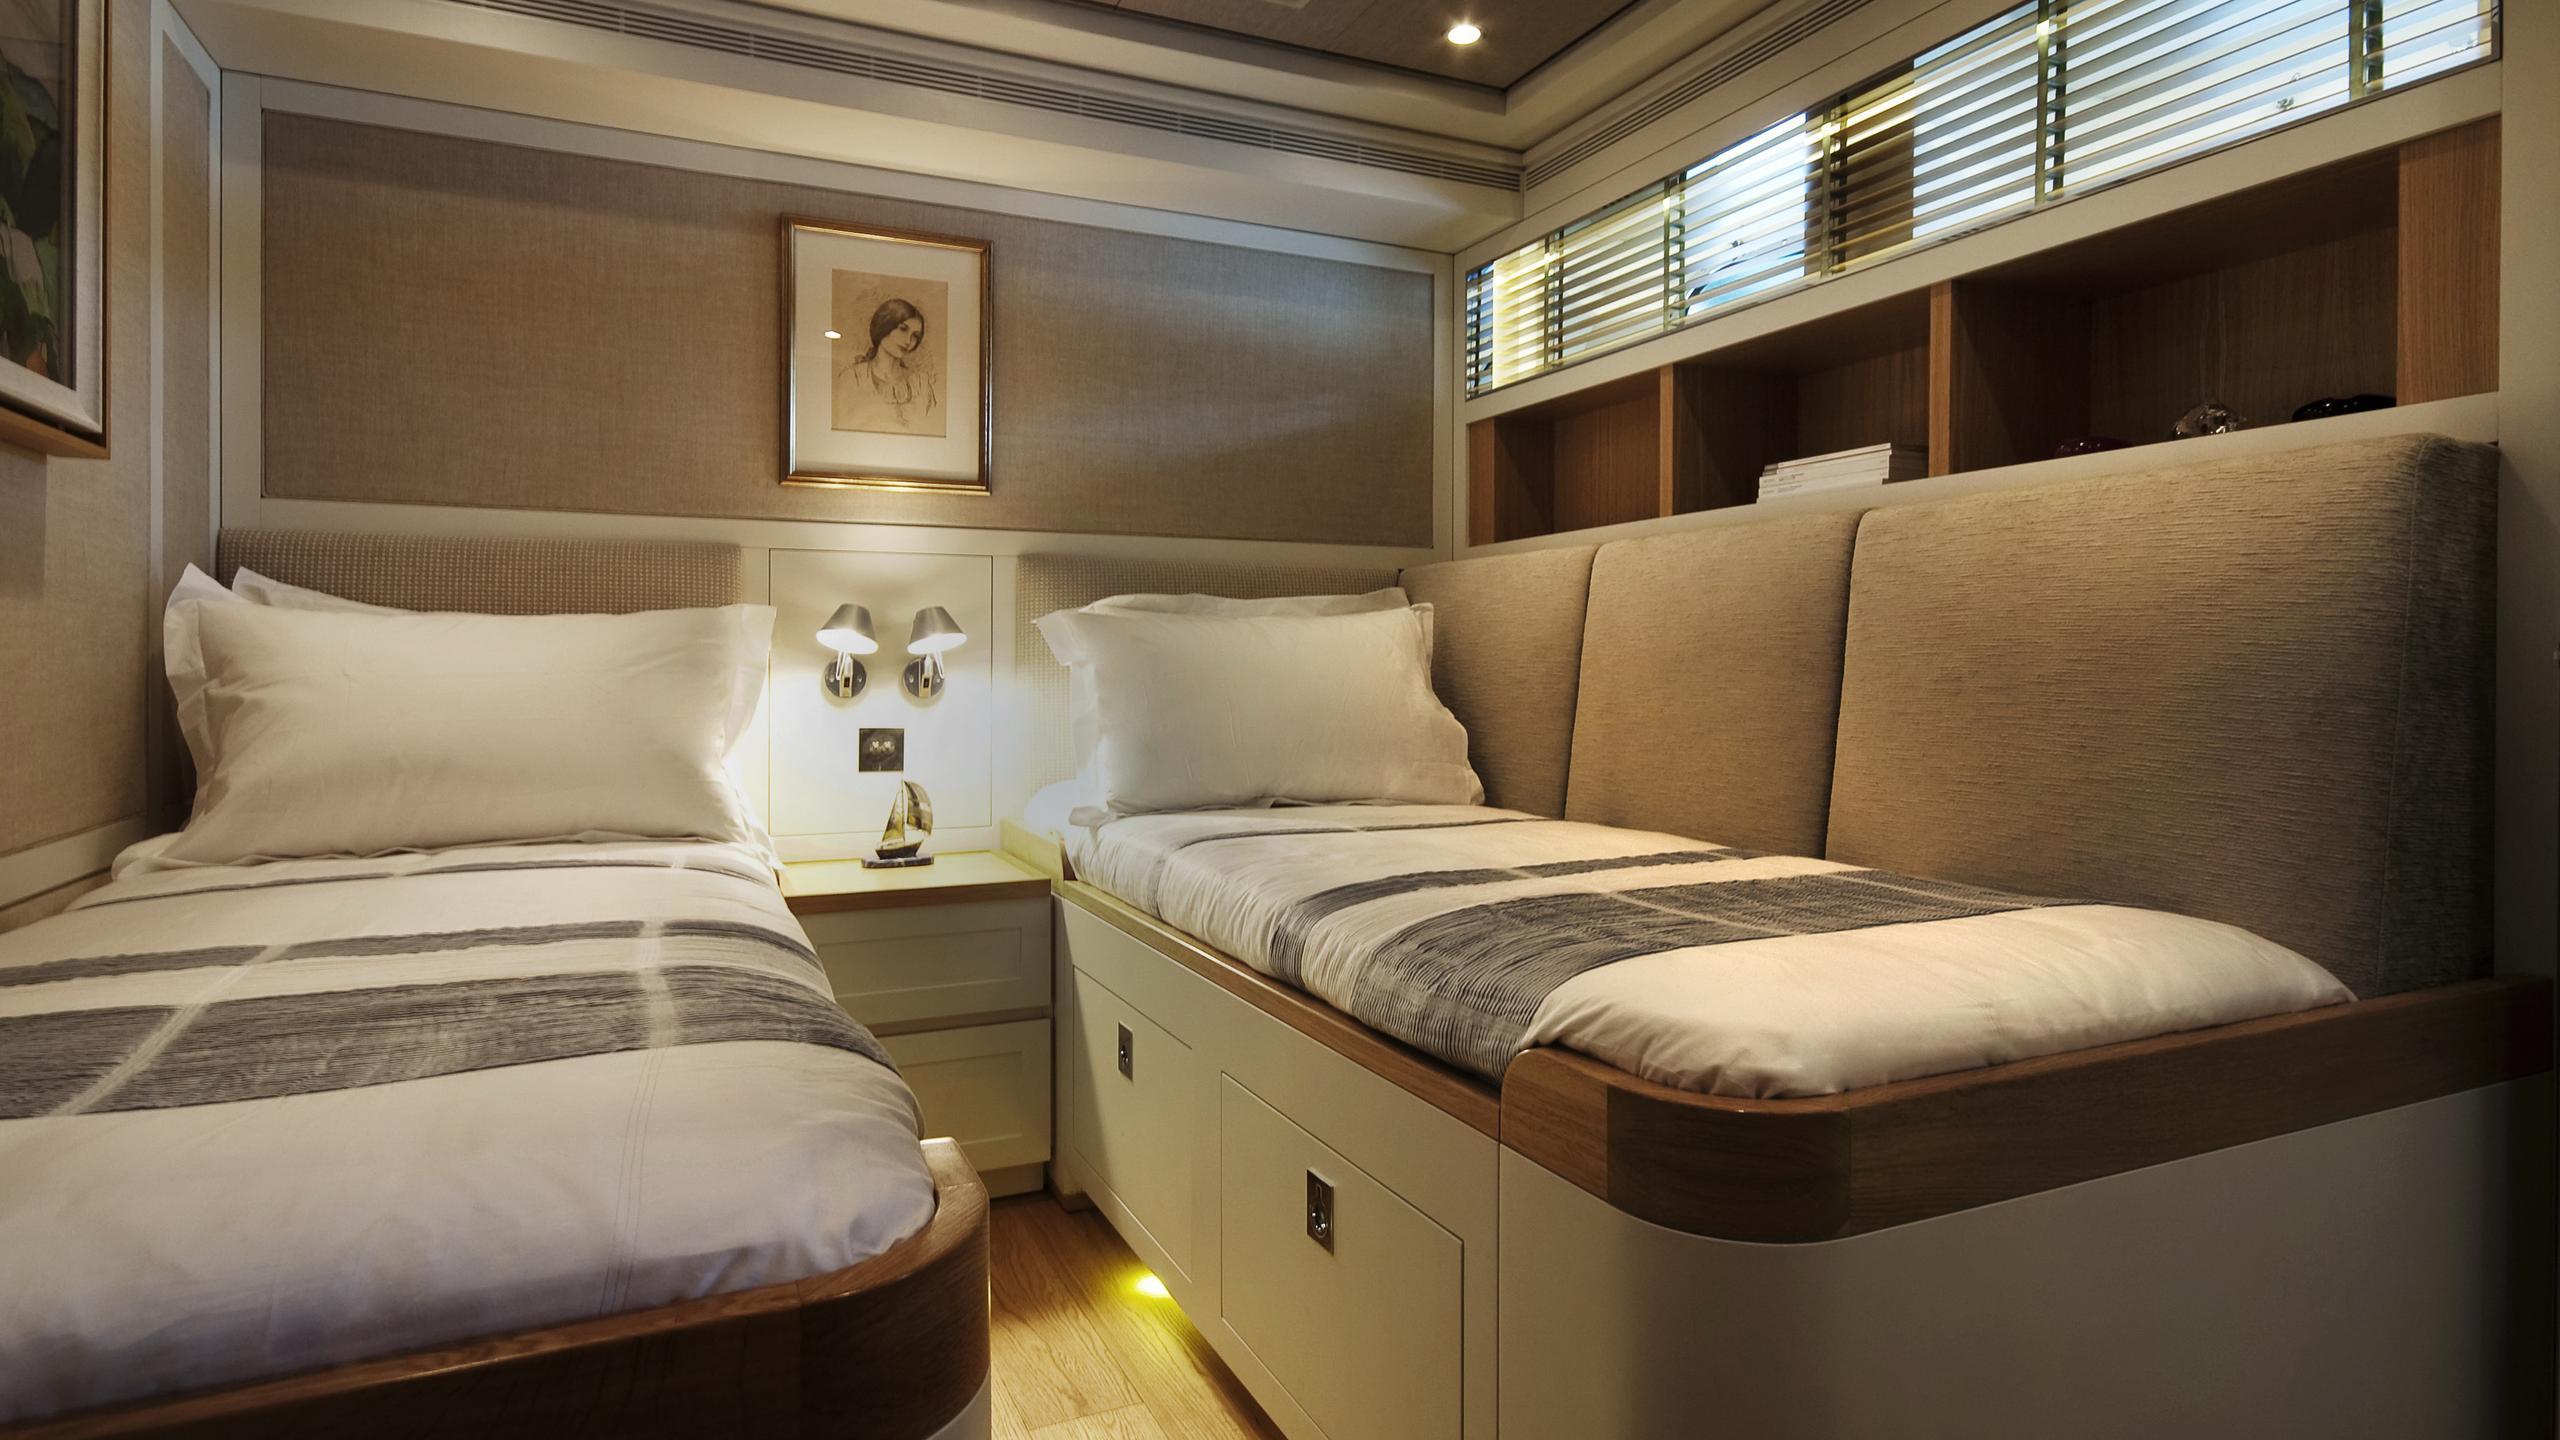 belle-isle-yacht-twin-cabin